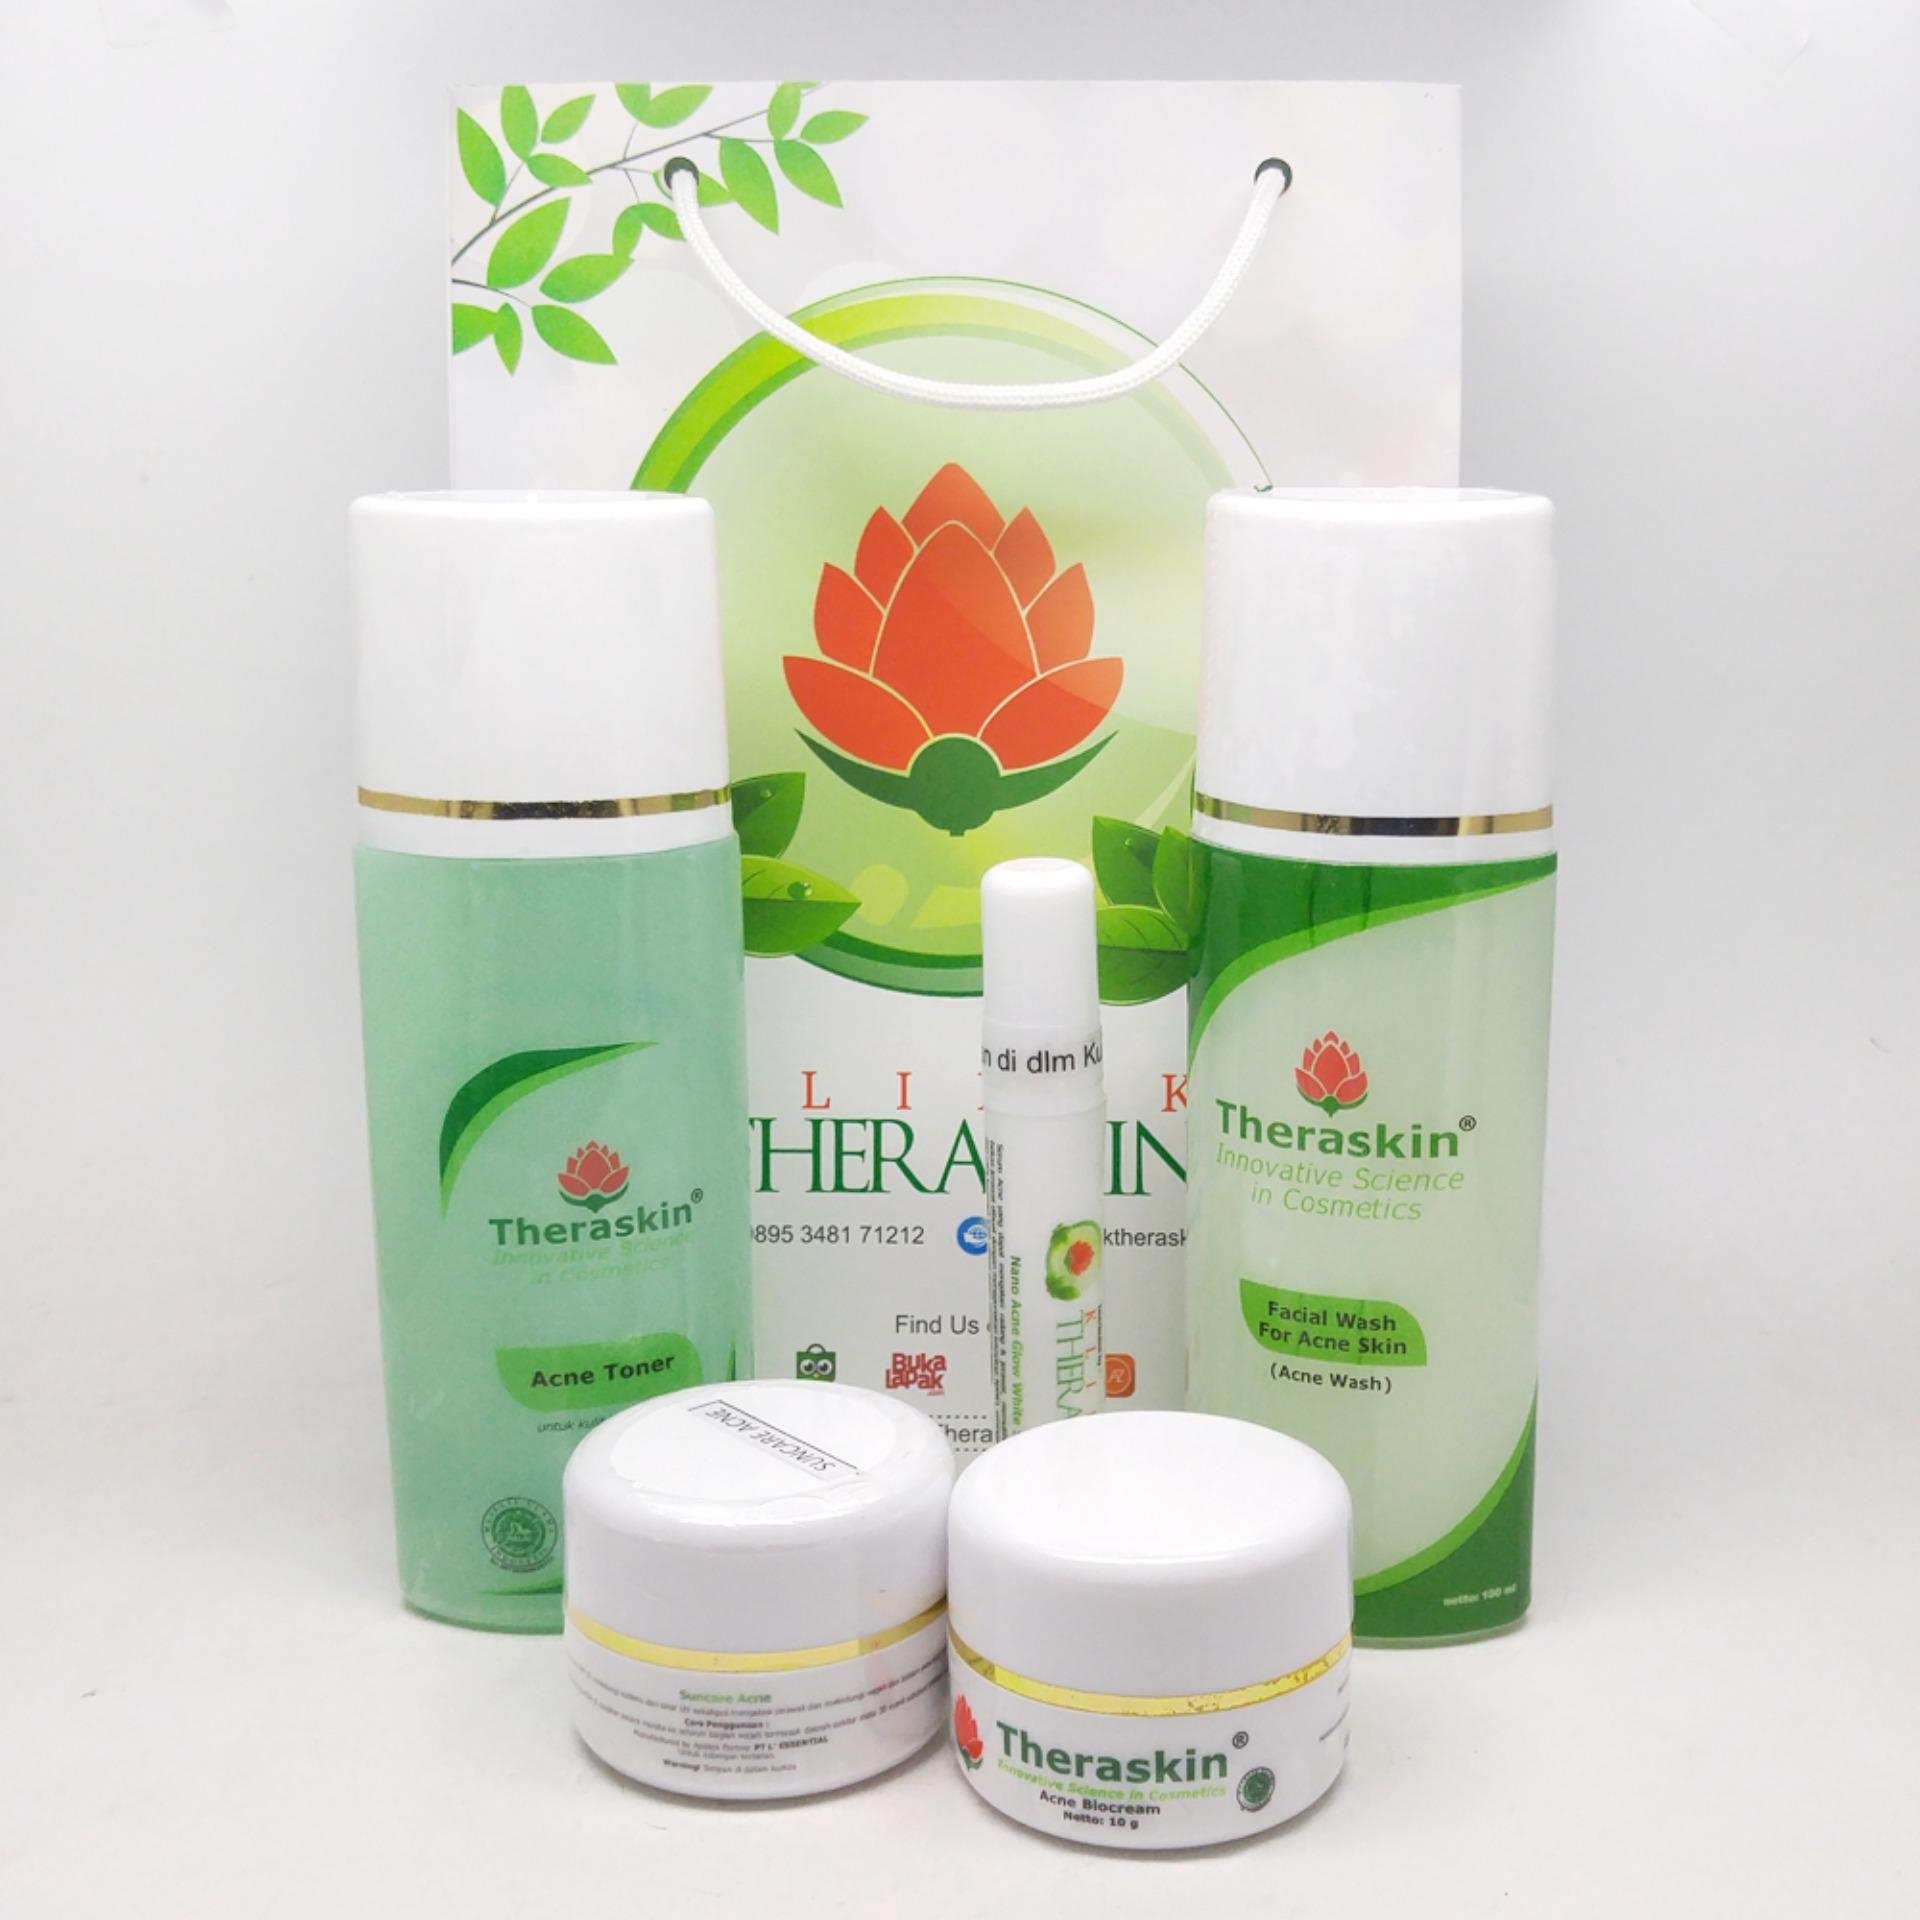 Fitur Theraskin Acne Glow Step 3 Paket Pasca Serum Vit C Khusus Jerawat Ringan Dan Sedang Untuk Kulit Normal